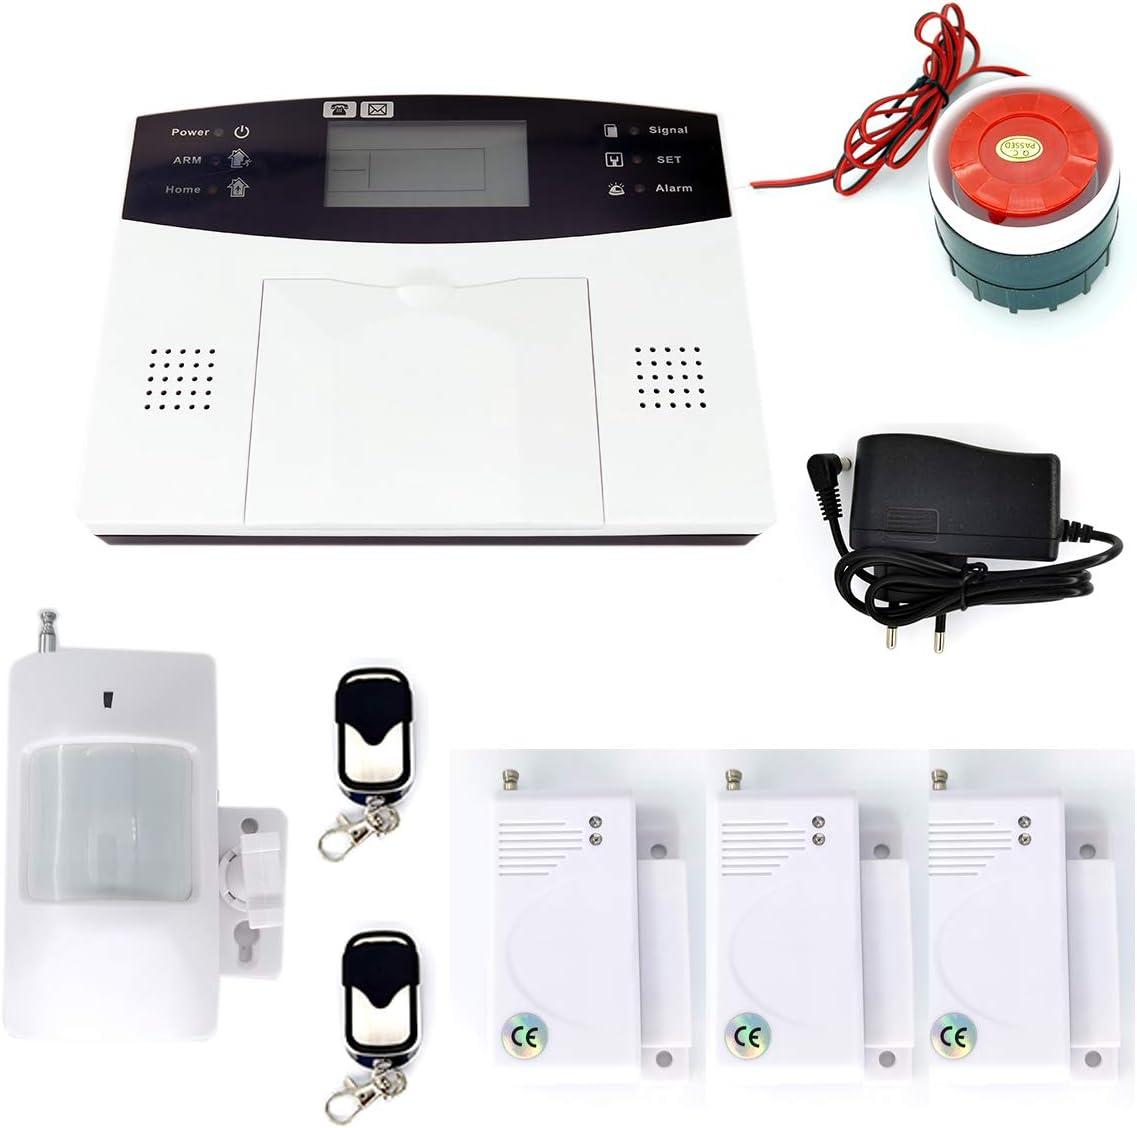 GSM Sistema de Alarma de Seguridad Antirrobo Con Pantalla T/áctil de 4.3 Pulgadas Alarma Antirrobo Inal/ámbrica WiFi Sistema Inteligente de Control Remoto de Aplicaciones EU GPRS